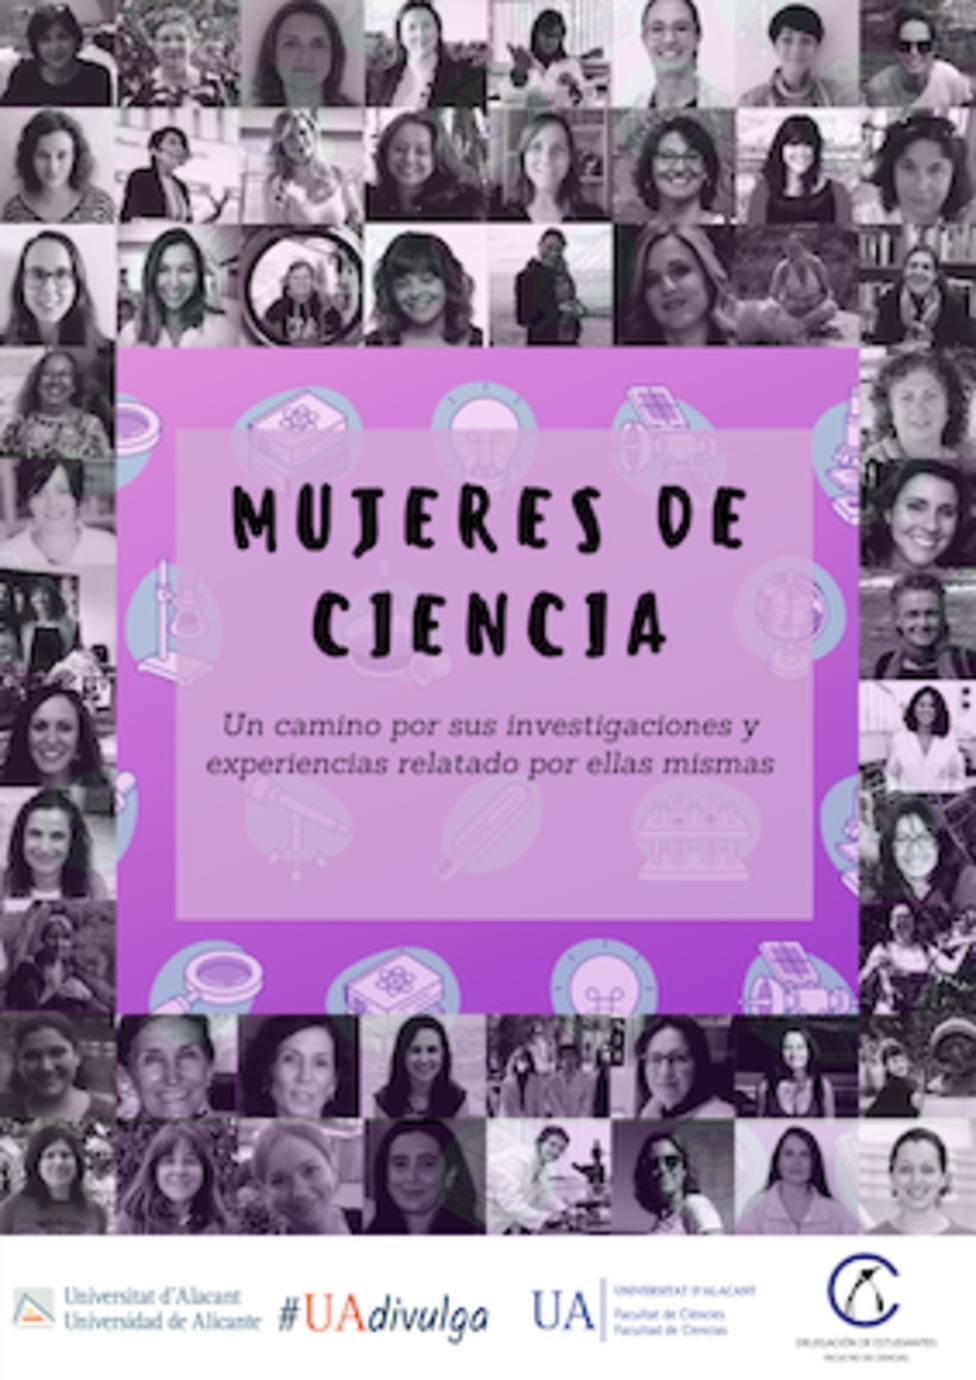 Más de 50 científicas visibilizan el papel de la mujer en la Ciencia en una campaña de la Universidad de Alica